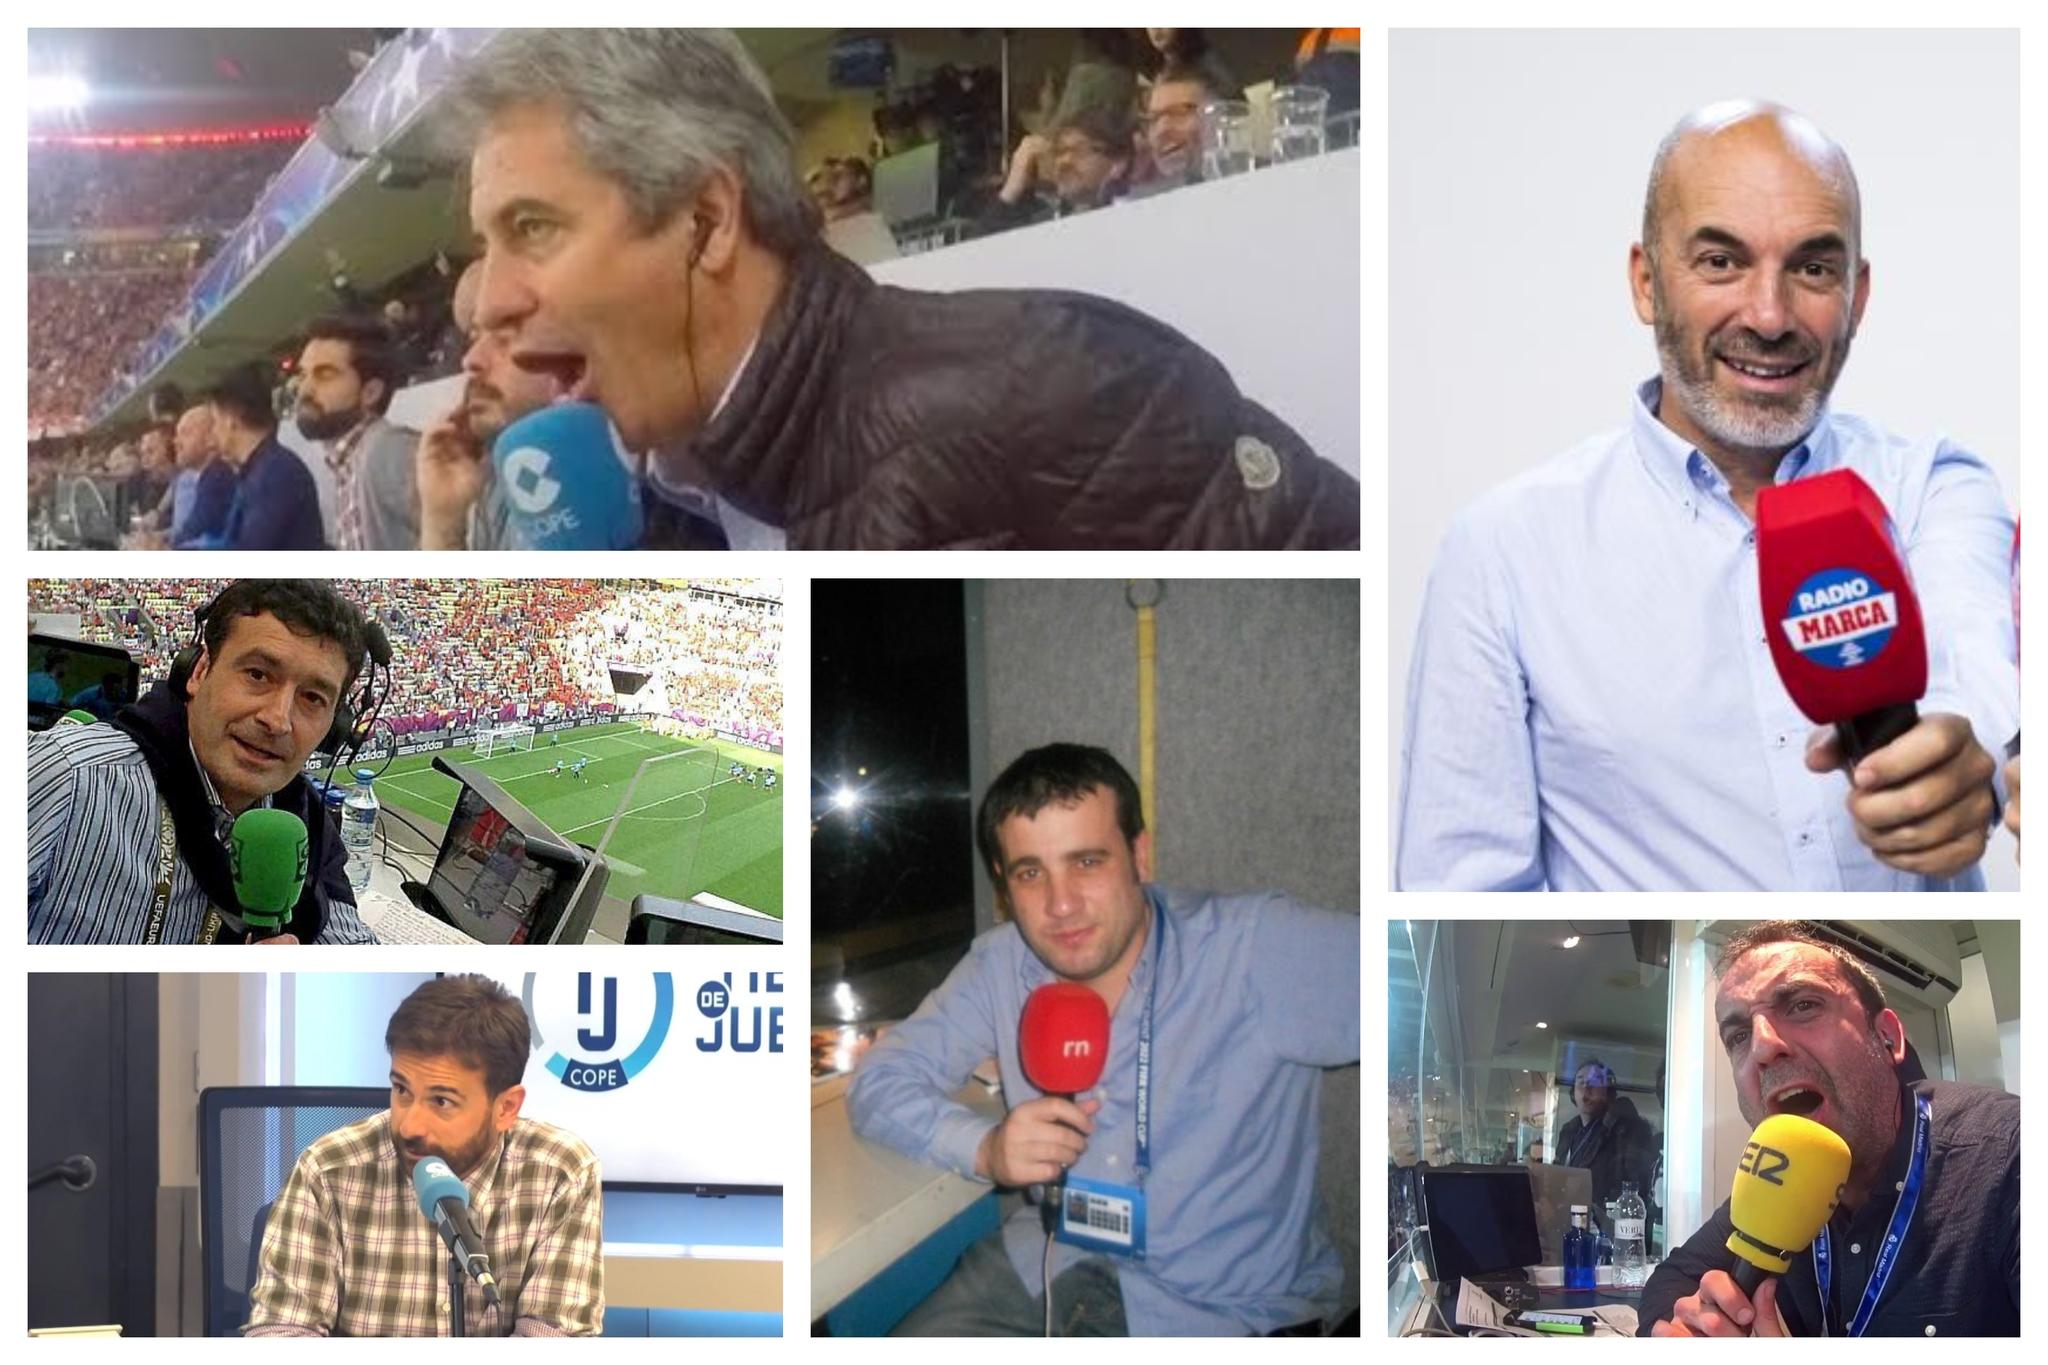 Liga de narradores: los secretos de Manolo Lama, Alfredo Martínez, Raúl Varela, Lluís Flaquer, Antonio Muelas y Rubén Martín